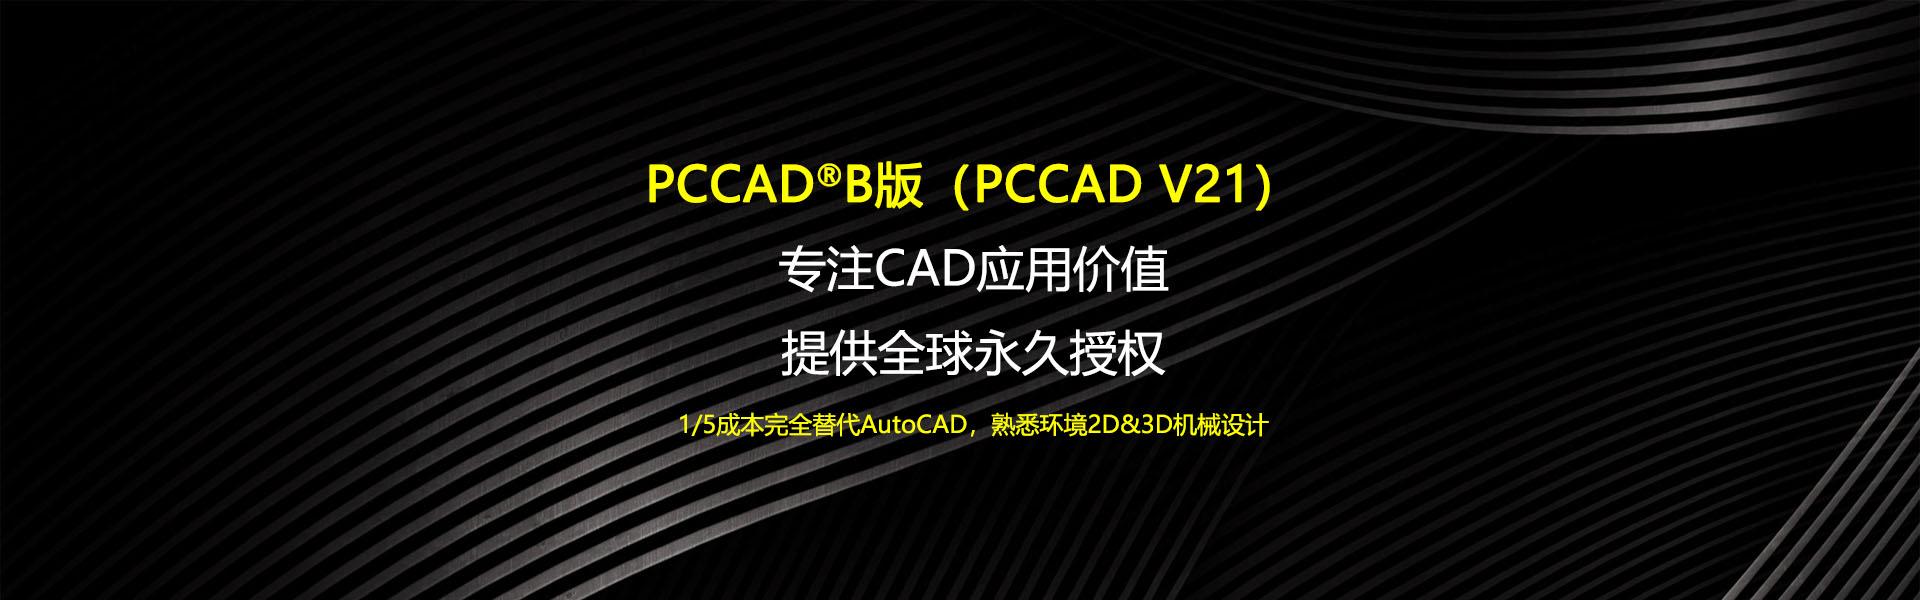 PCCAD B版